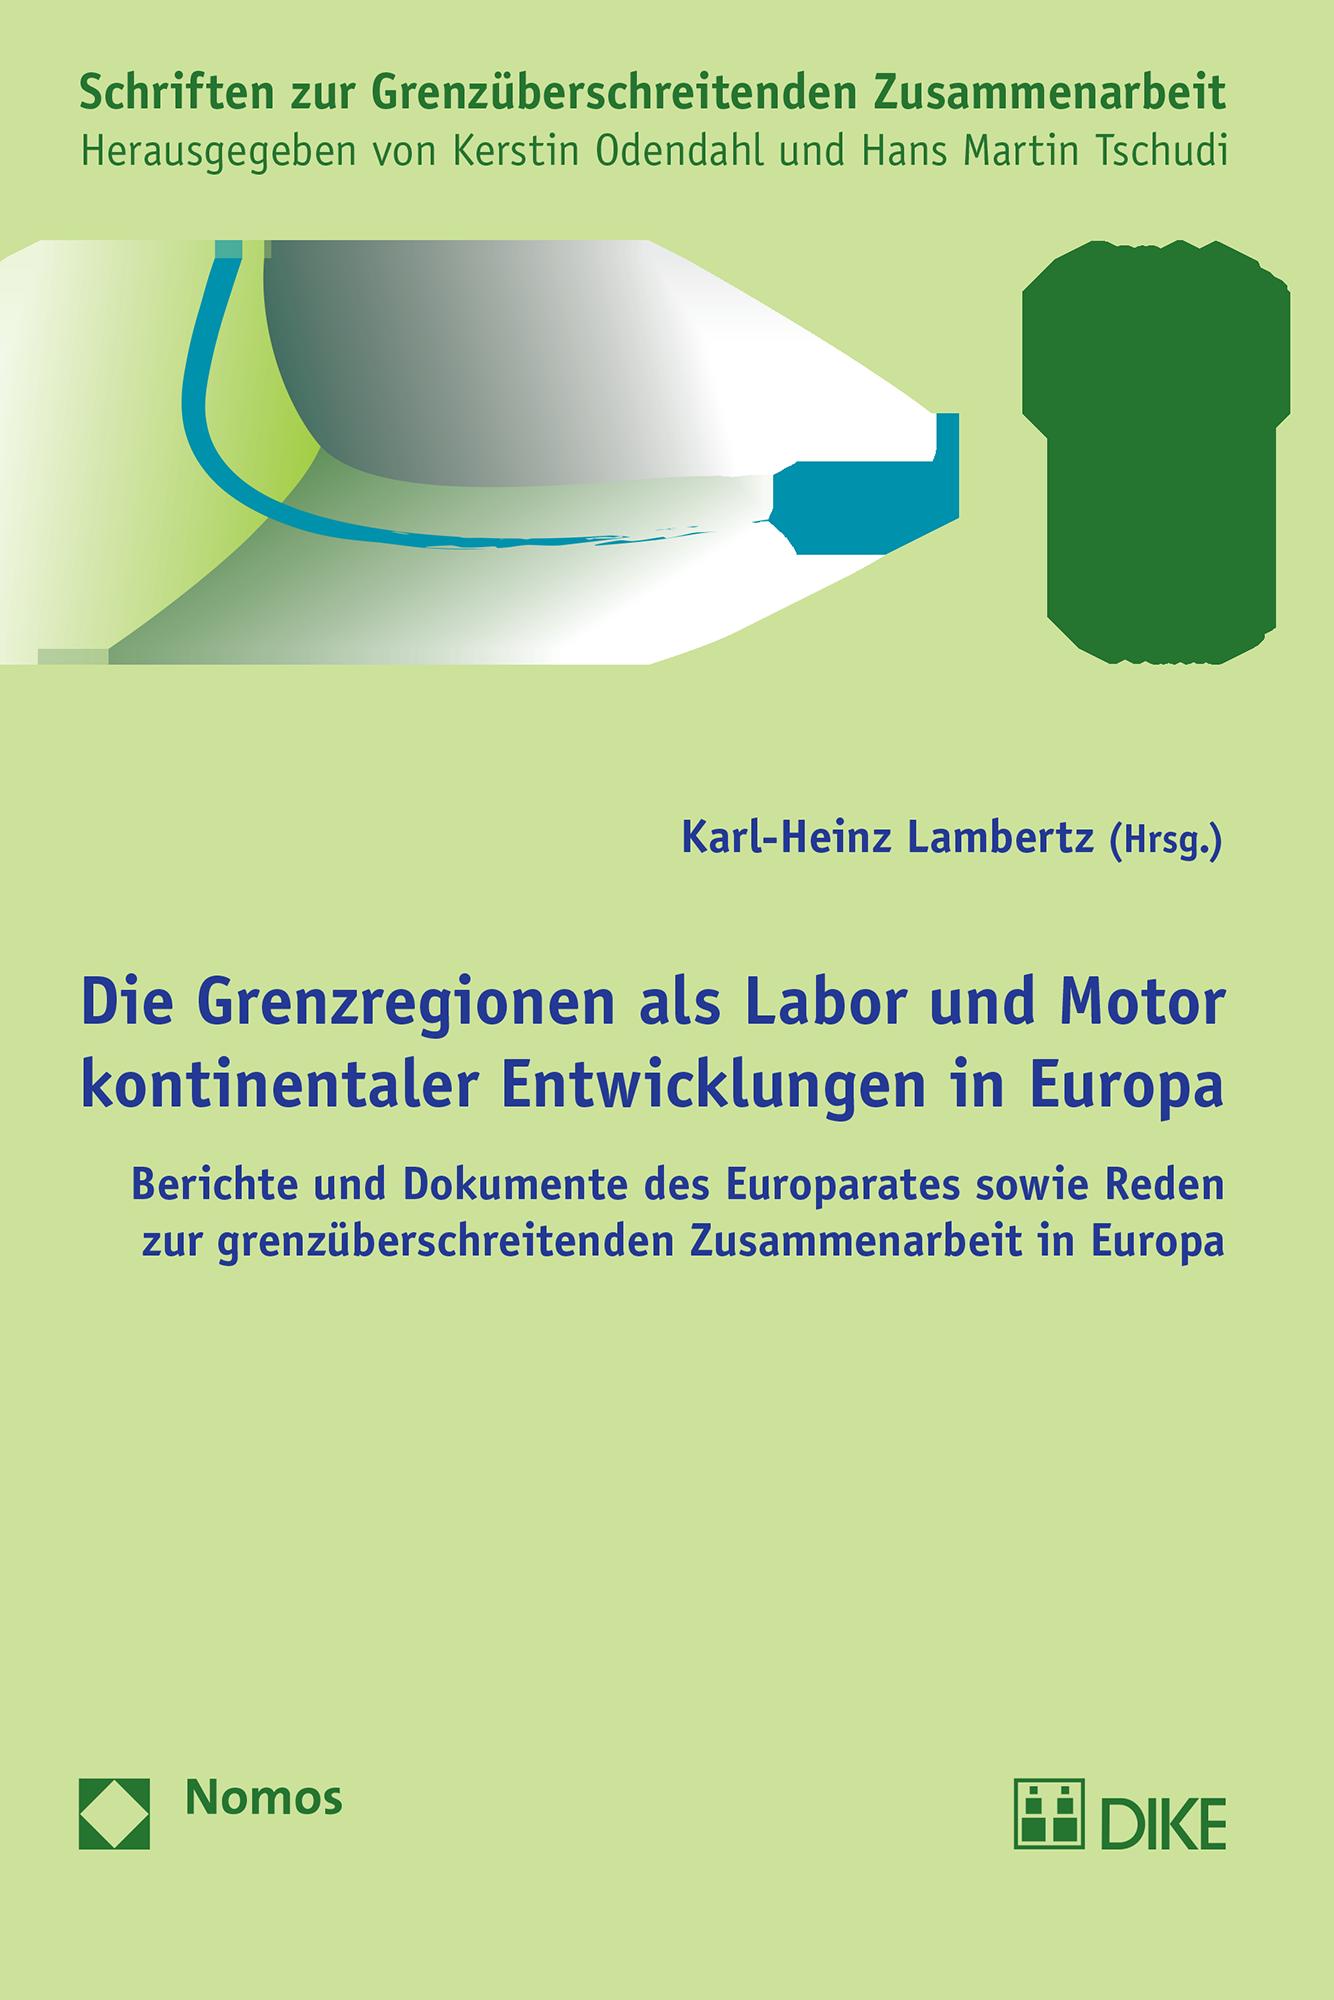 Die Grenzregionen als Labor und Motor kontinentaler Entwicklungen in Europa